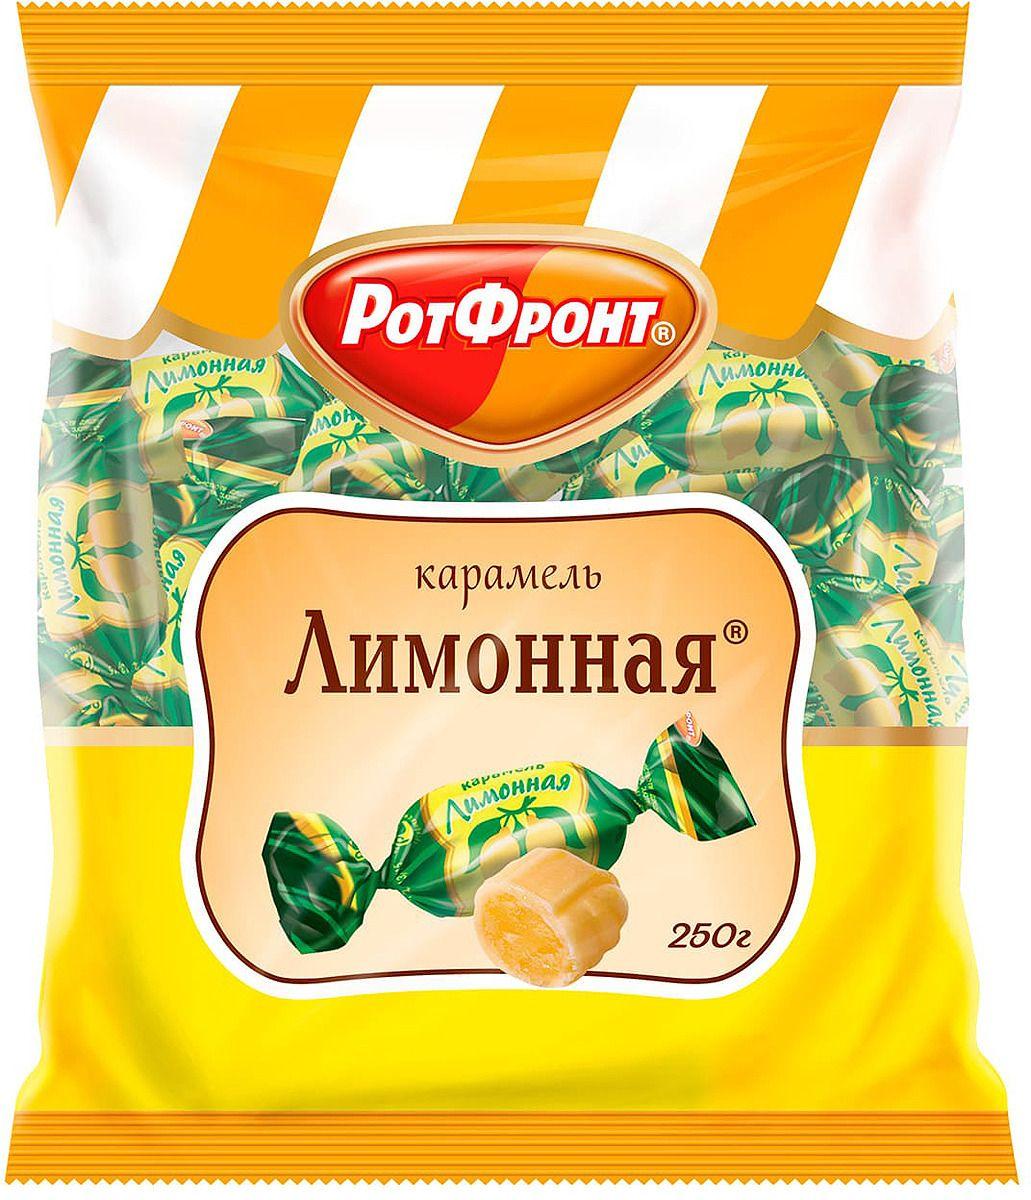 Карамель  Лимонная  250гр.